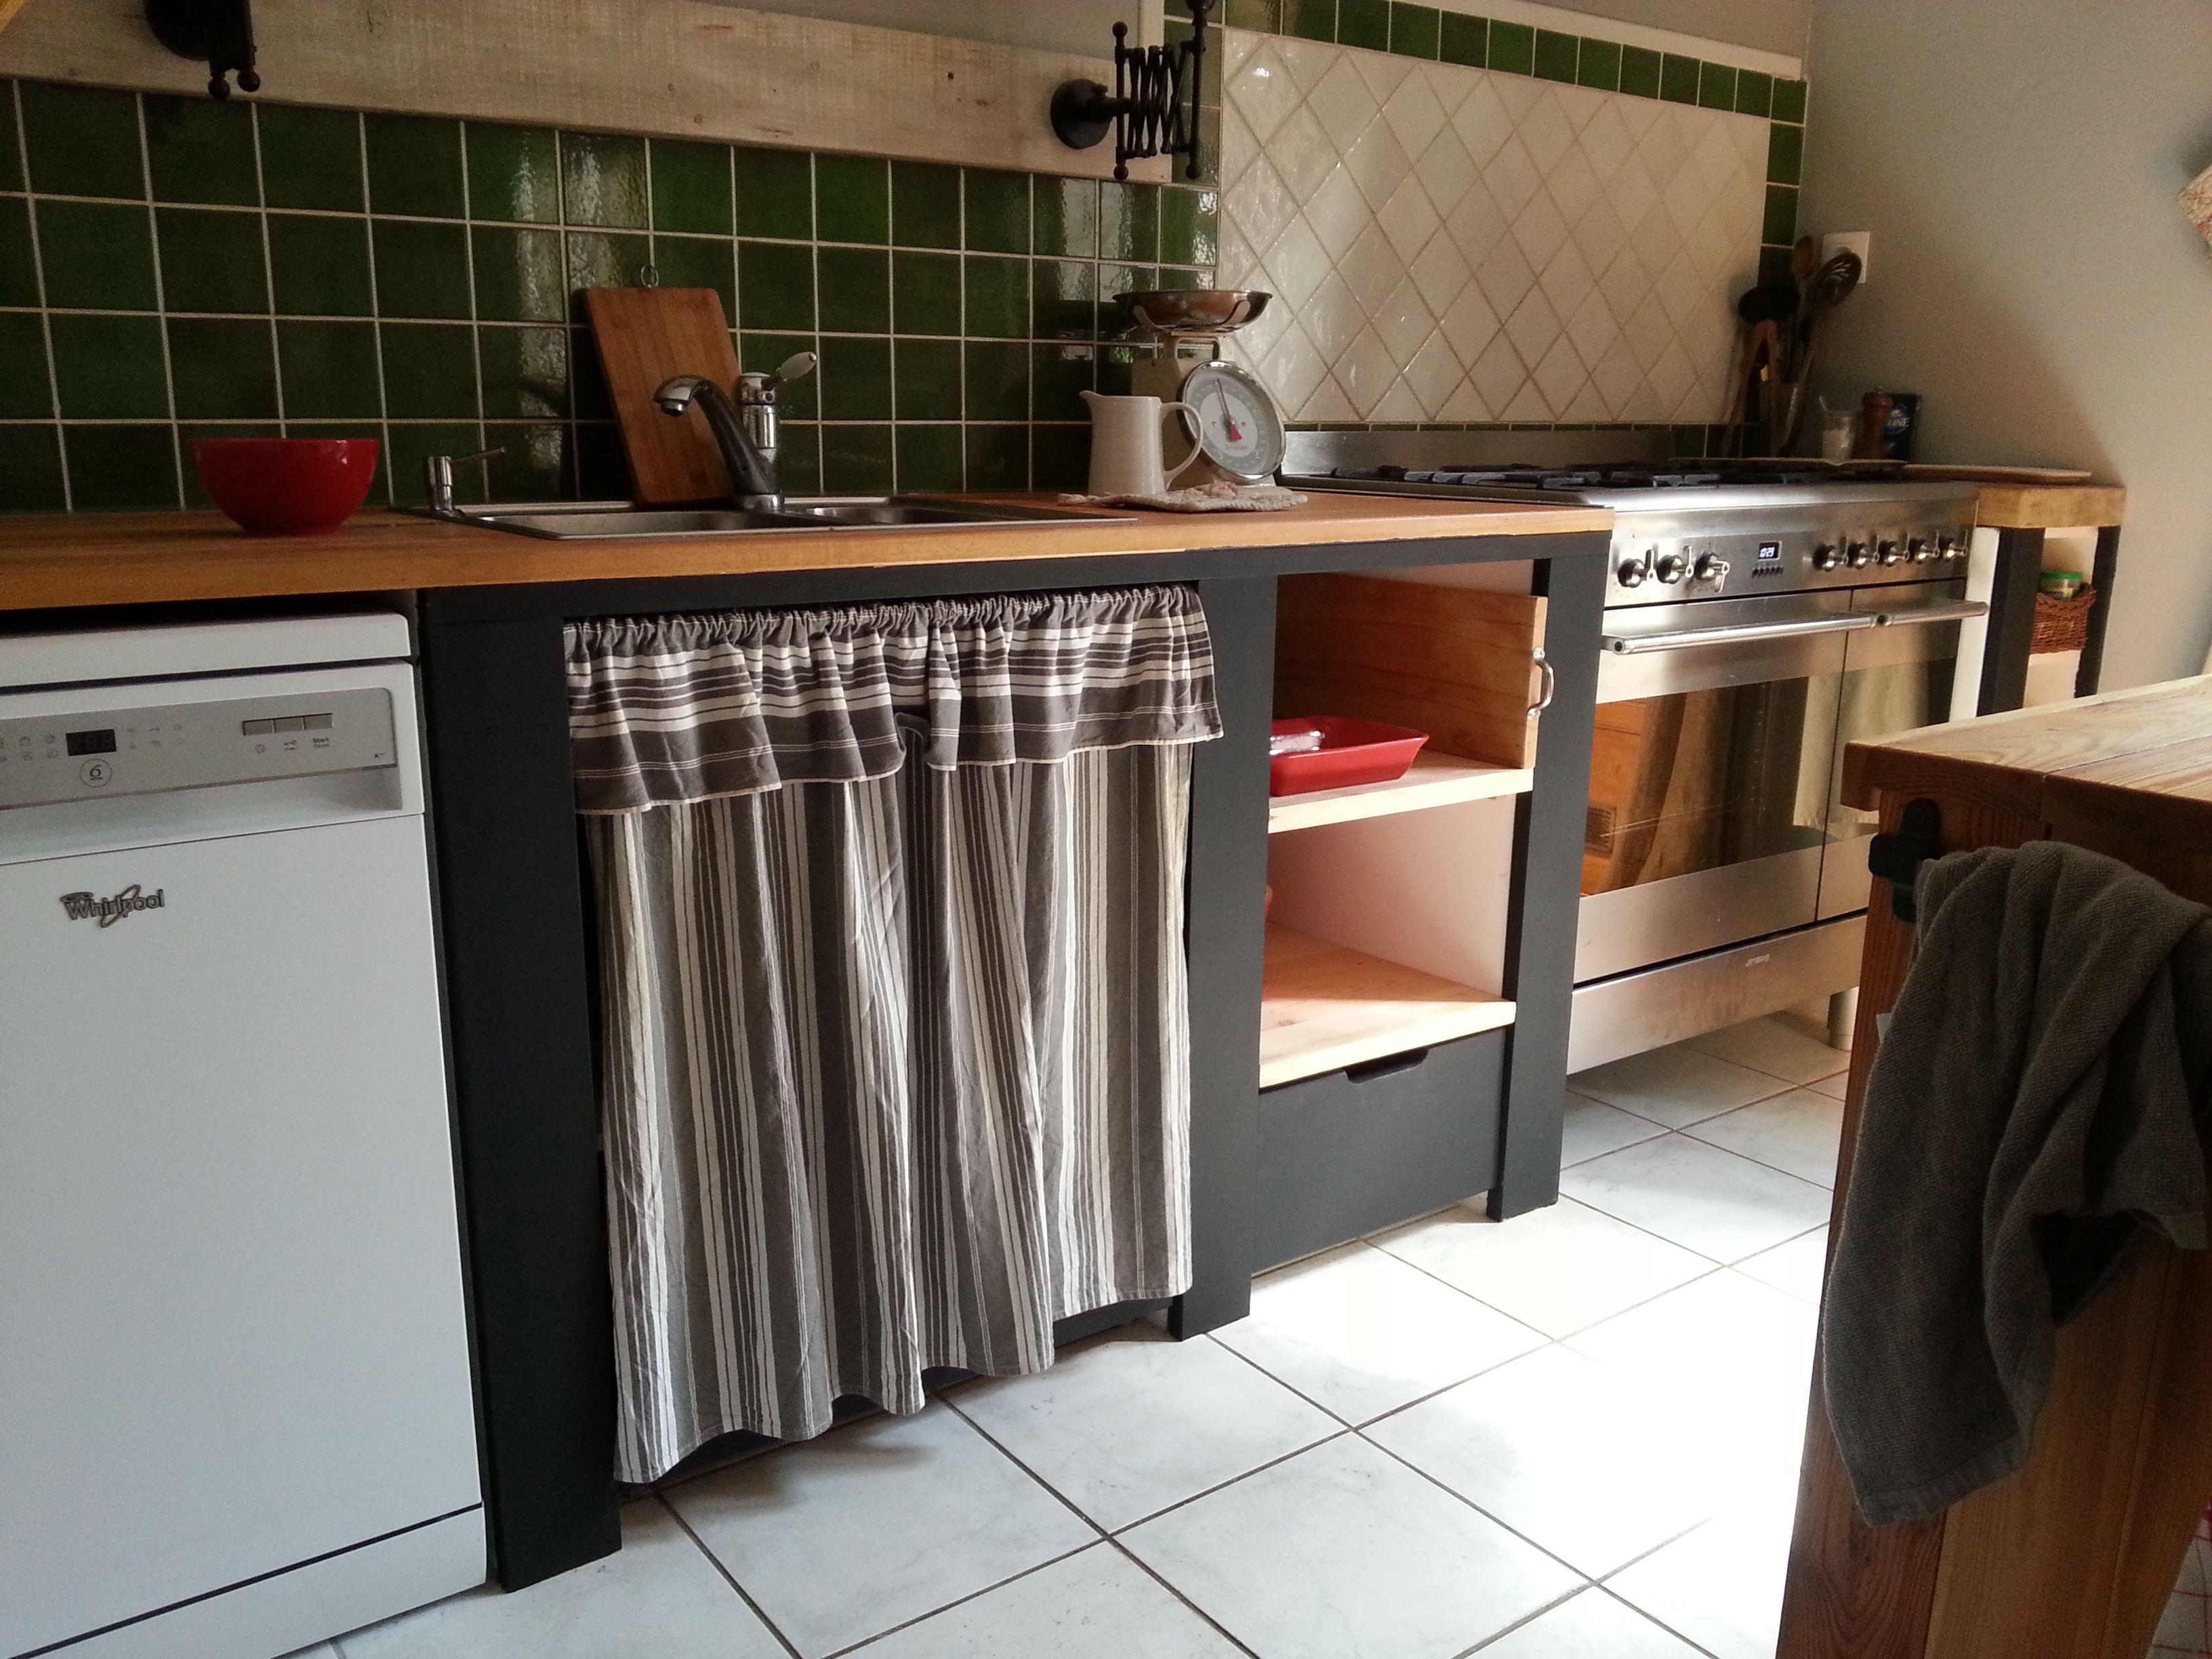 cuisine jambage en b ton cellulaire recouvert de planche. Black Bedroom Furniture Sets. Home Design Ideas